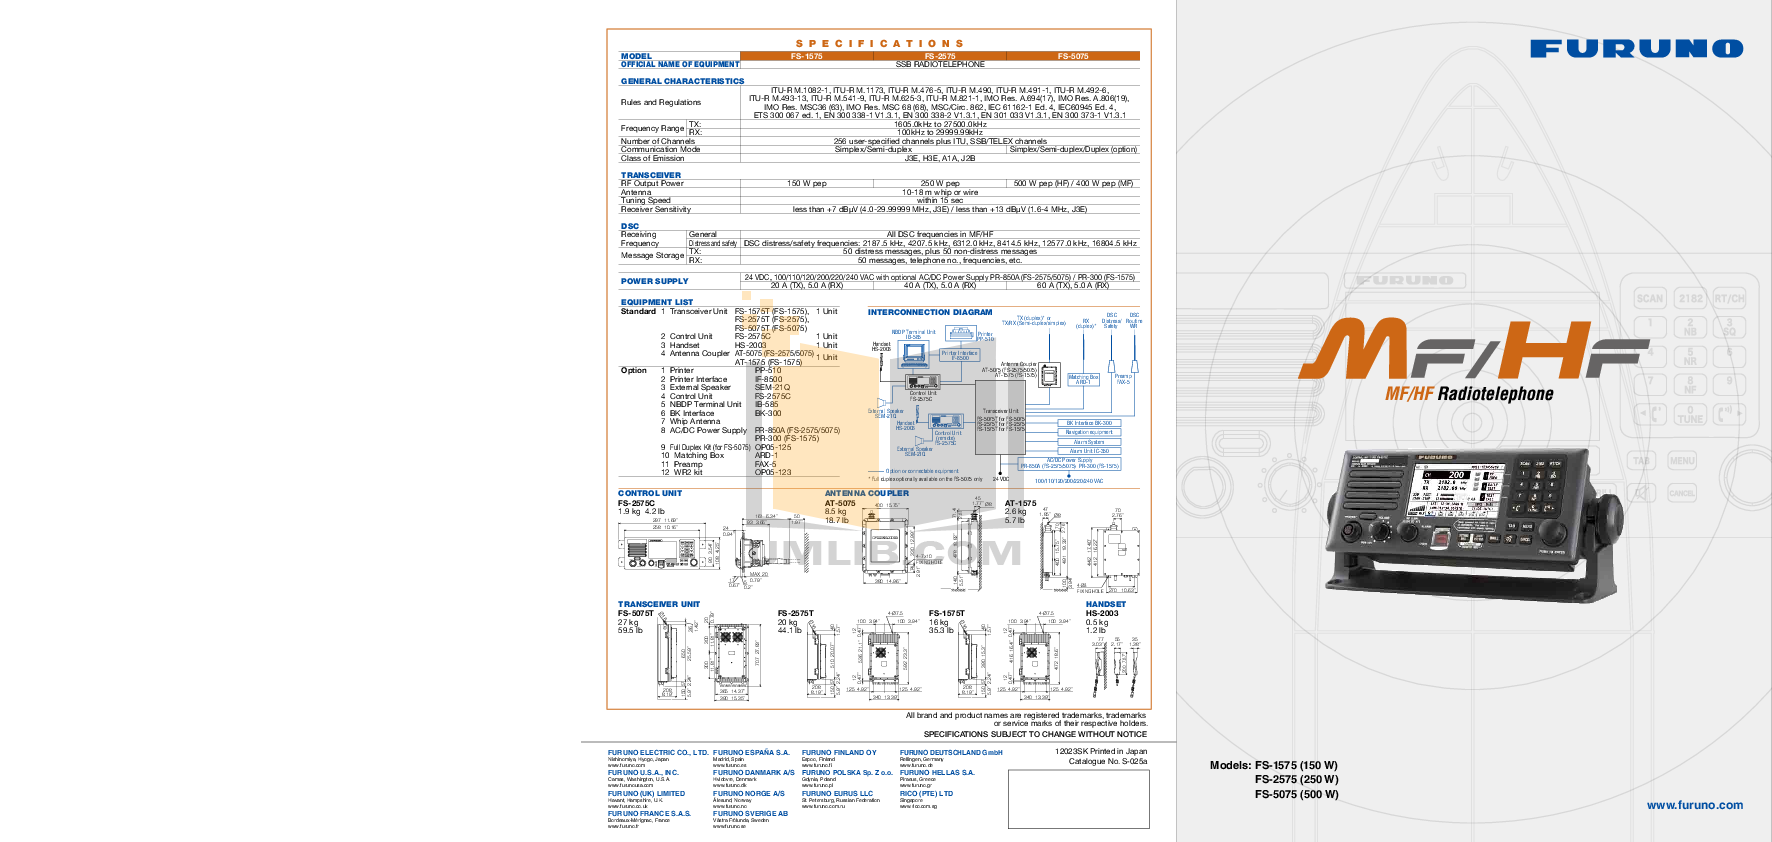 pdf for Furuno GPS FI-301 manual